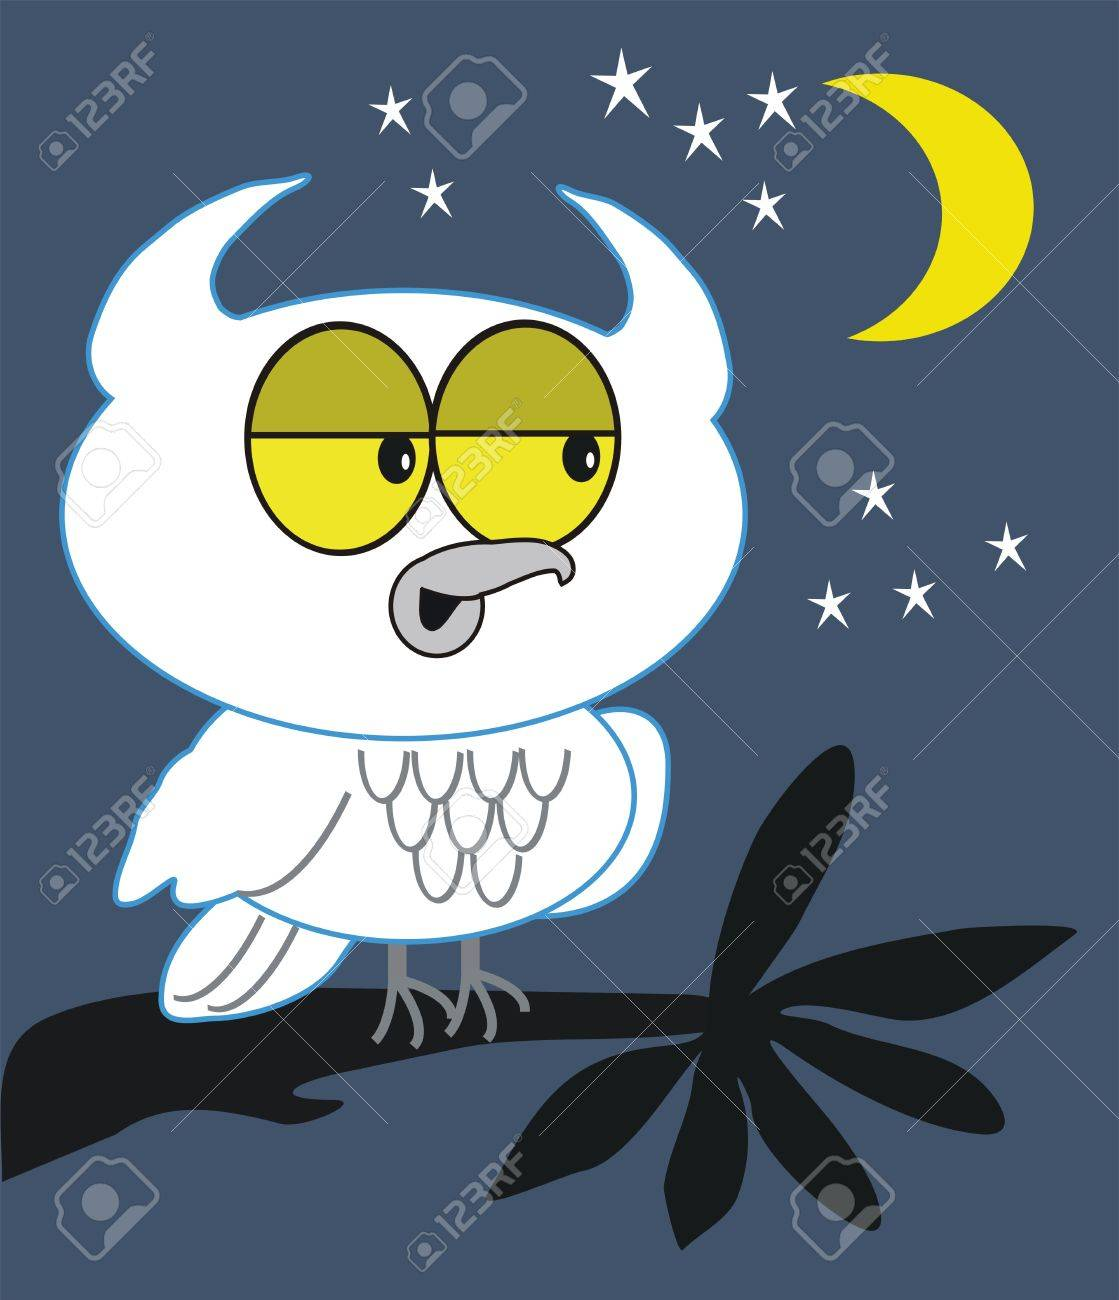 Caricatura de búho de noche  Foto de archivo - 7883214